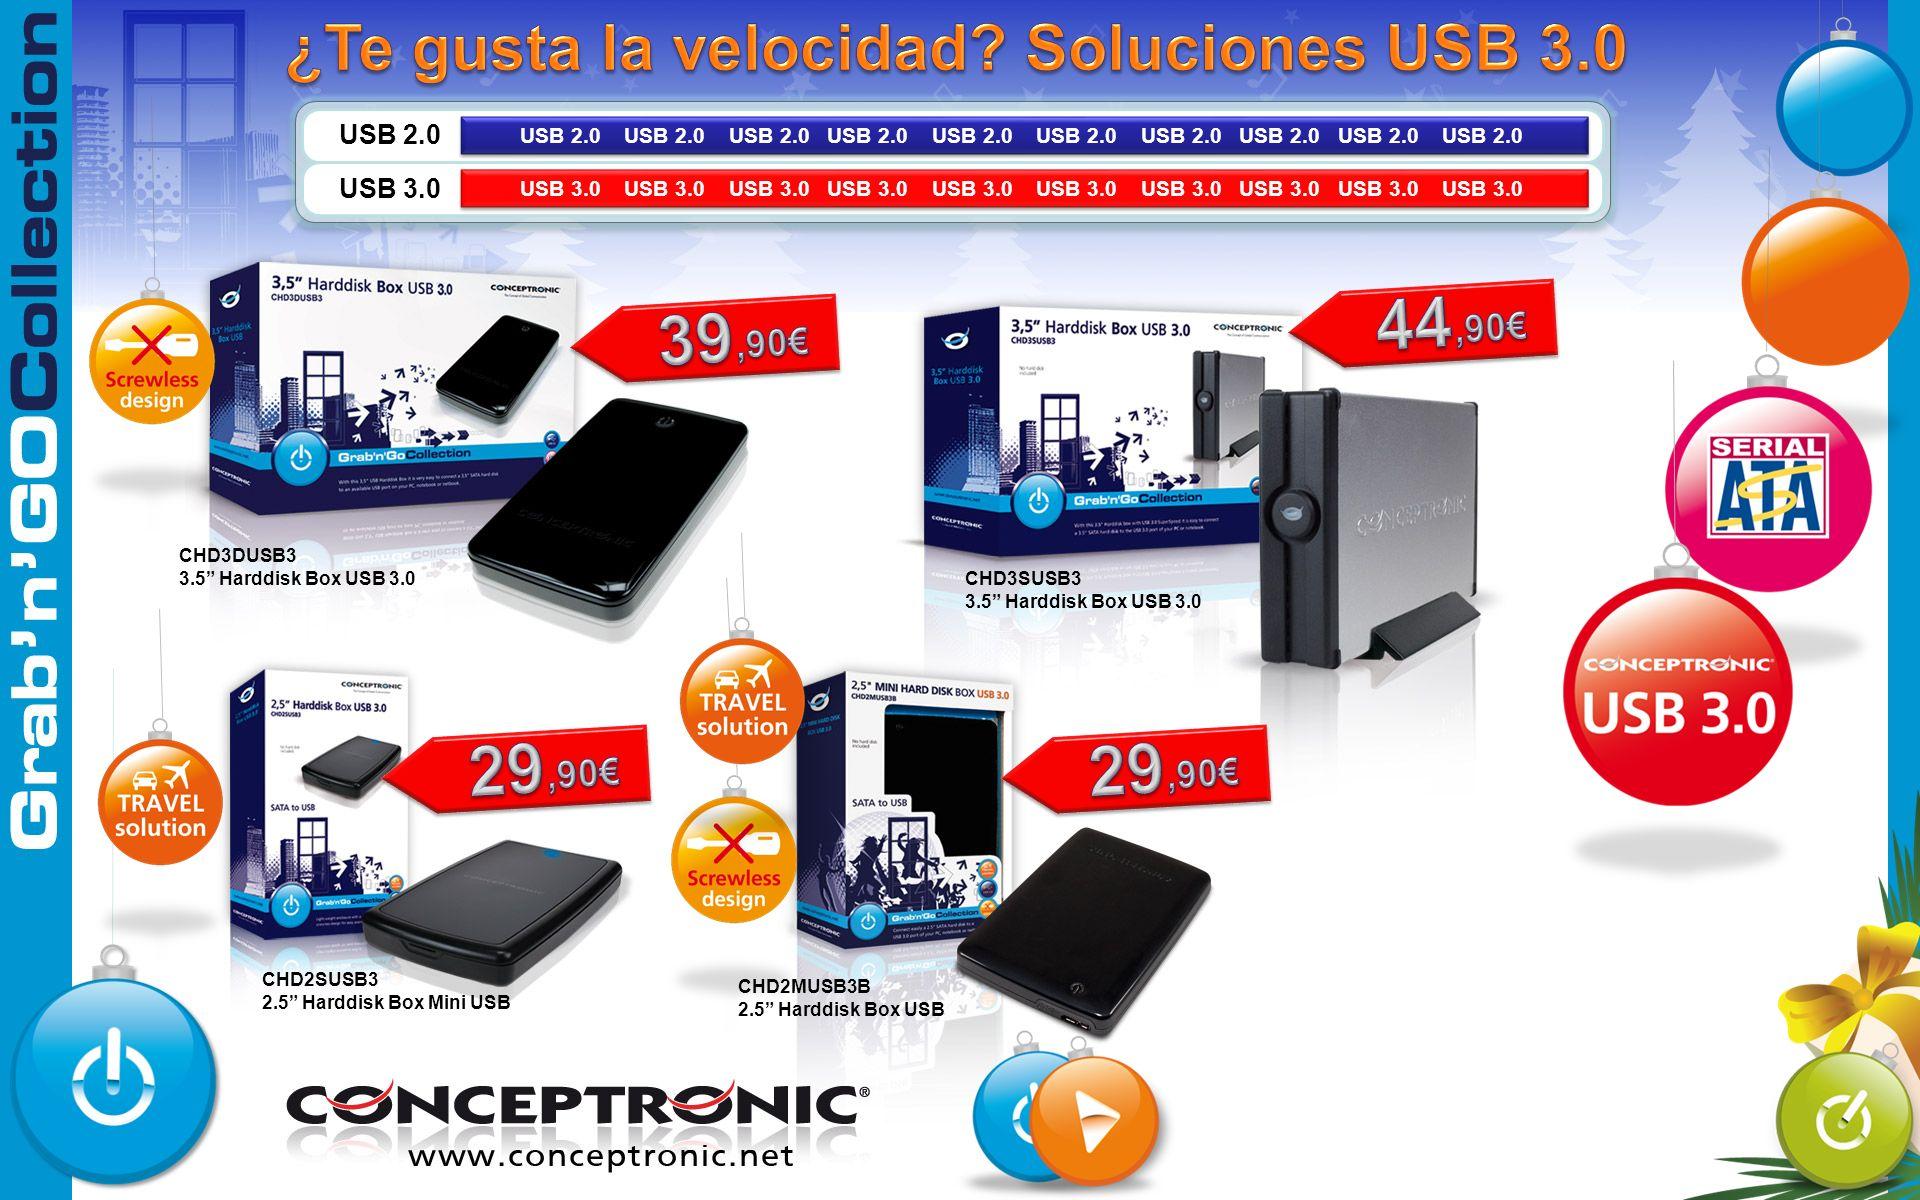 ¿Te gusta la velocidad Soluciones USB 3.0